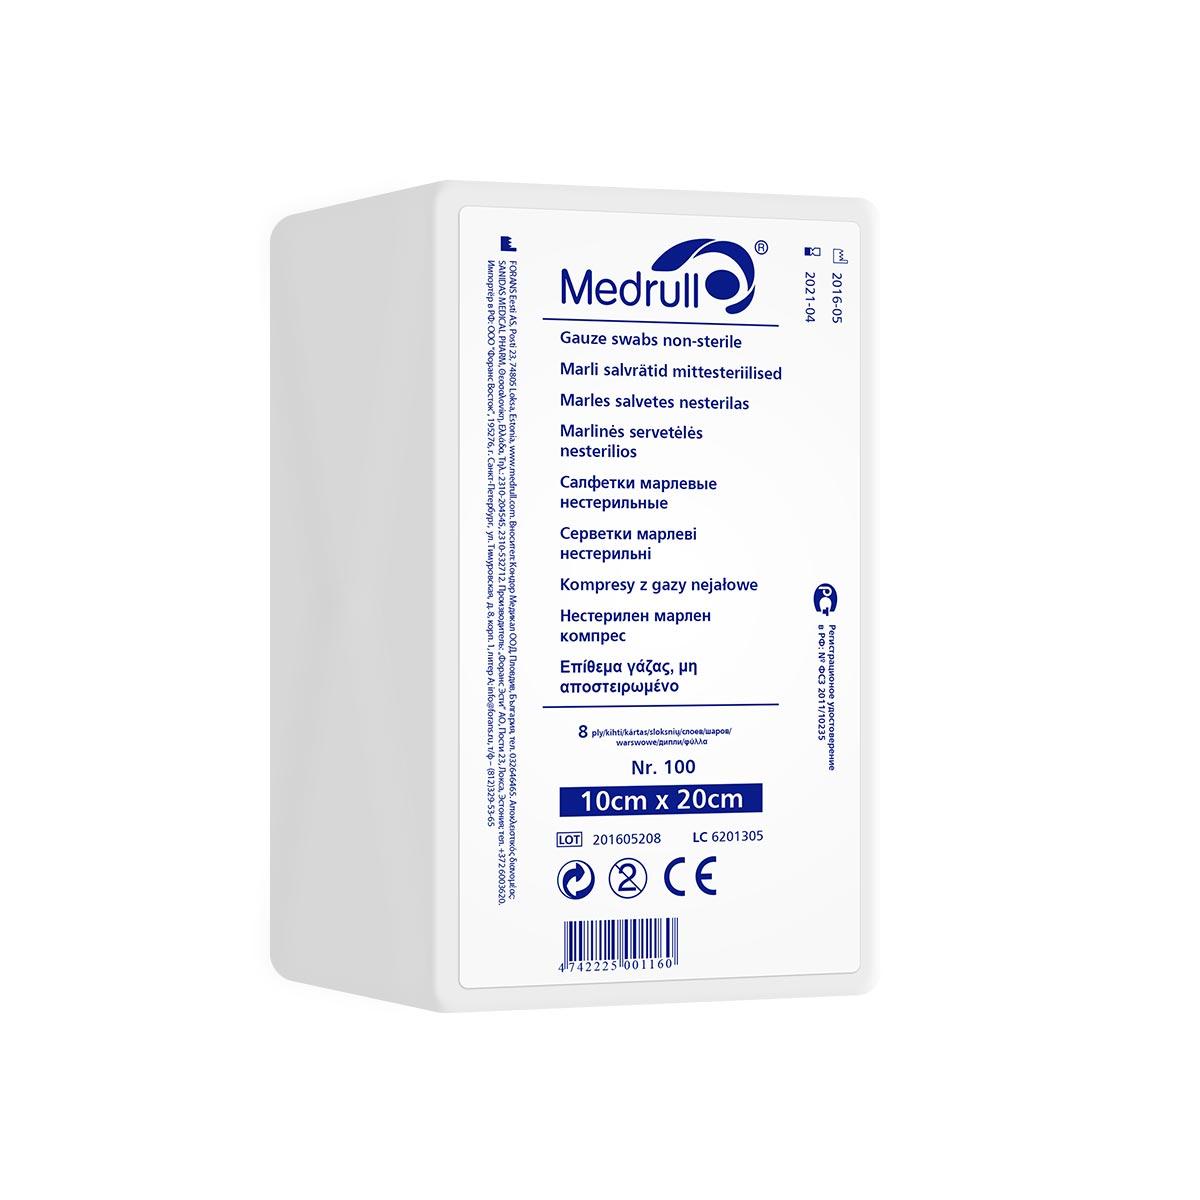 Medrull Салфетки марлевые медицинские N100, 8-слойные, нестерильные, 10х20 см4742225001160САЛФЕТКИ МАРЛЕВЫЕ НЕСТЕРИЛЬНЫЕ/8 СЛ. NR 100 Состав 100% хлопок. Структура материала 17 ниток/см2. Размер 8 сл 10см x 20см